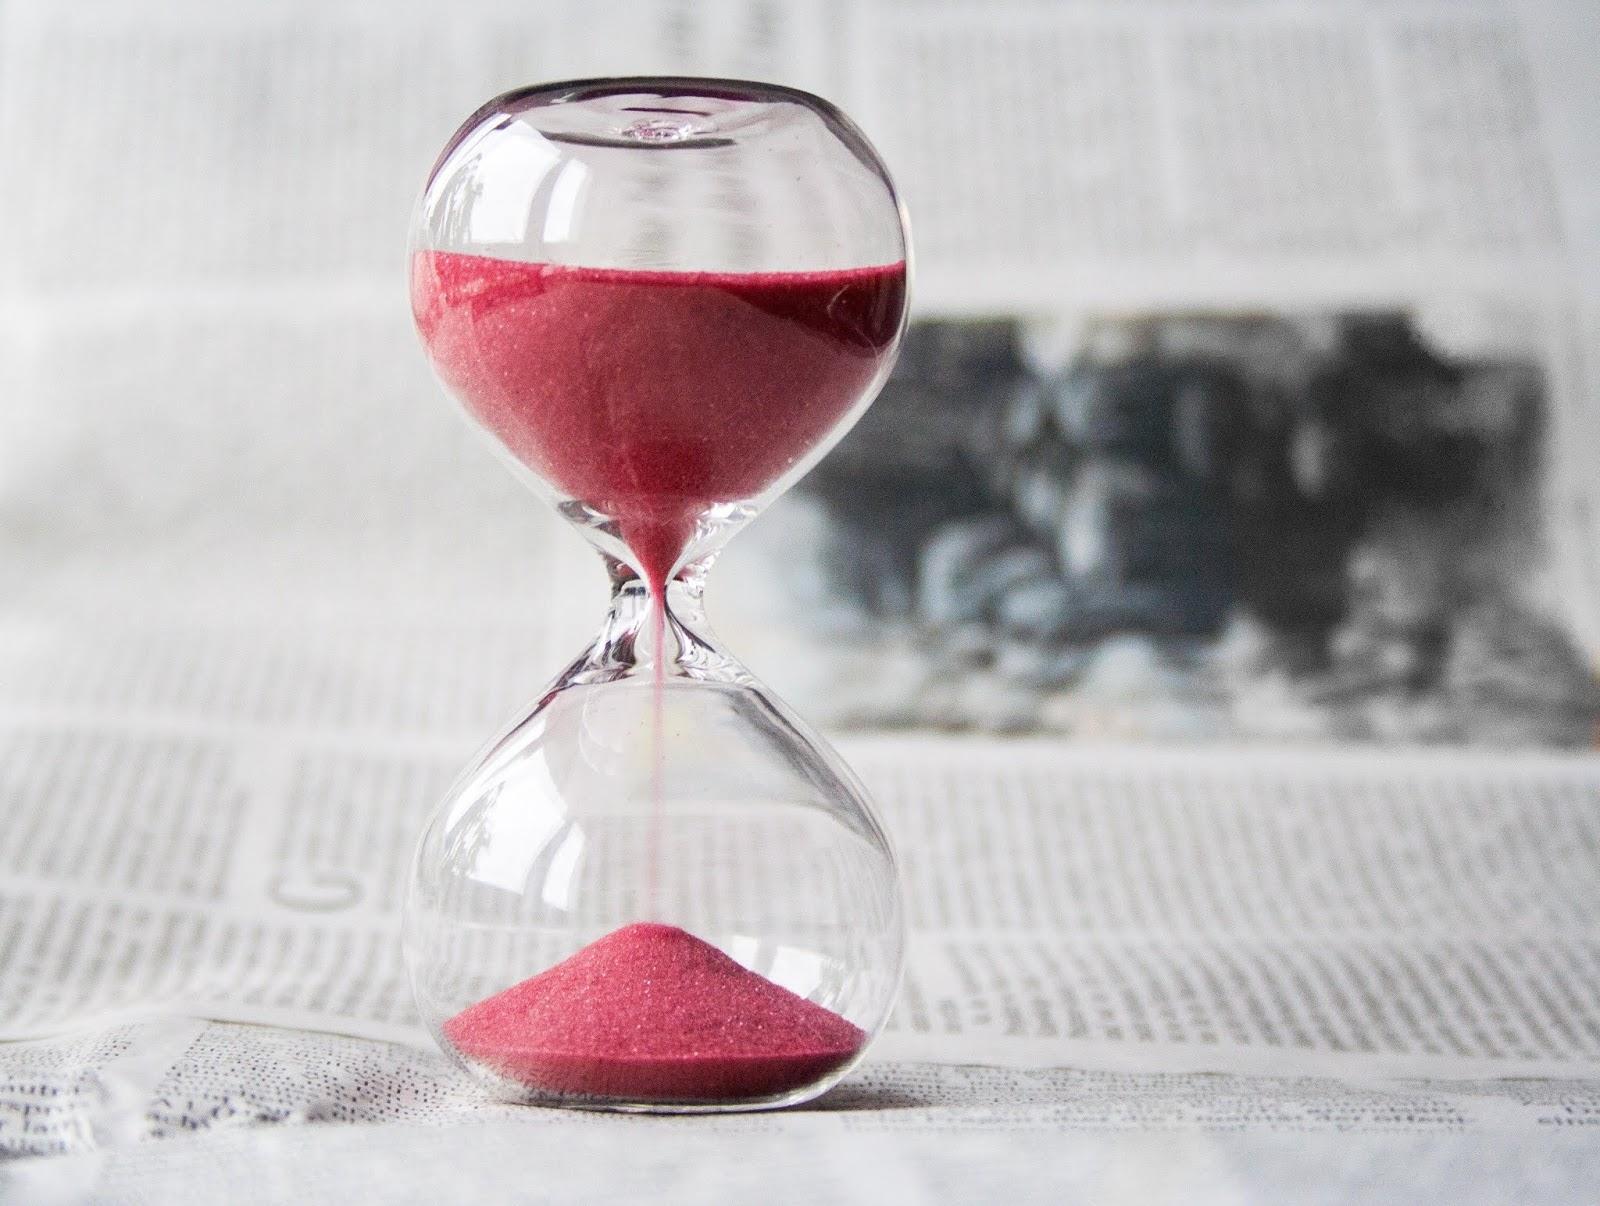 O tempo passou!